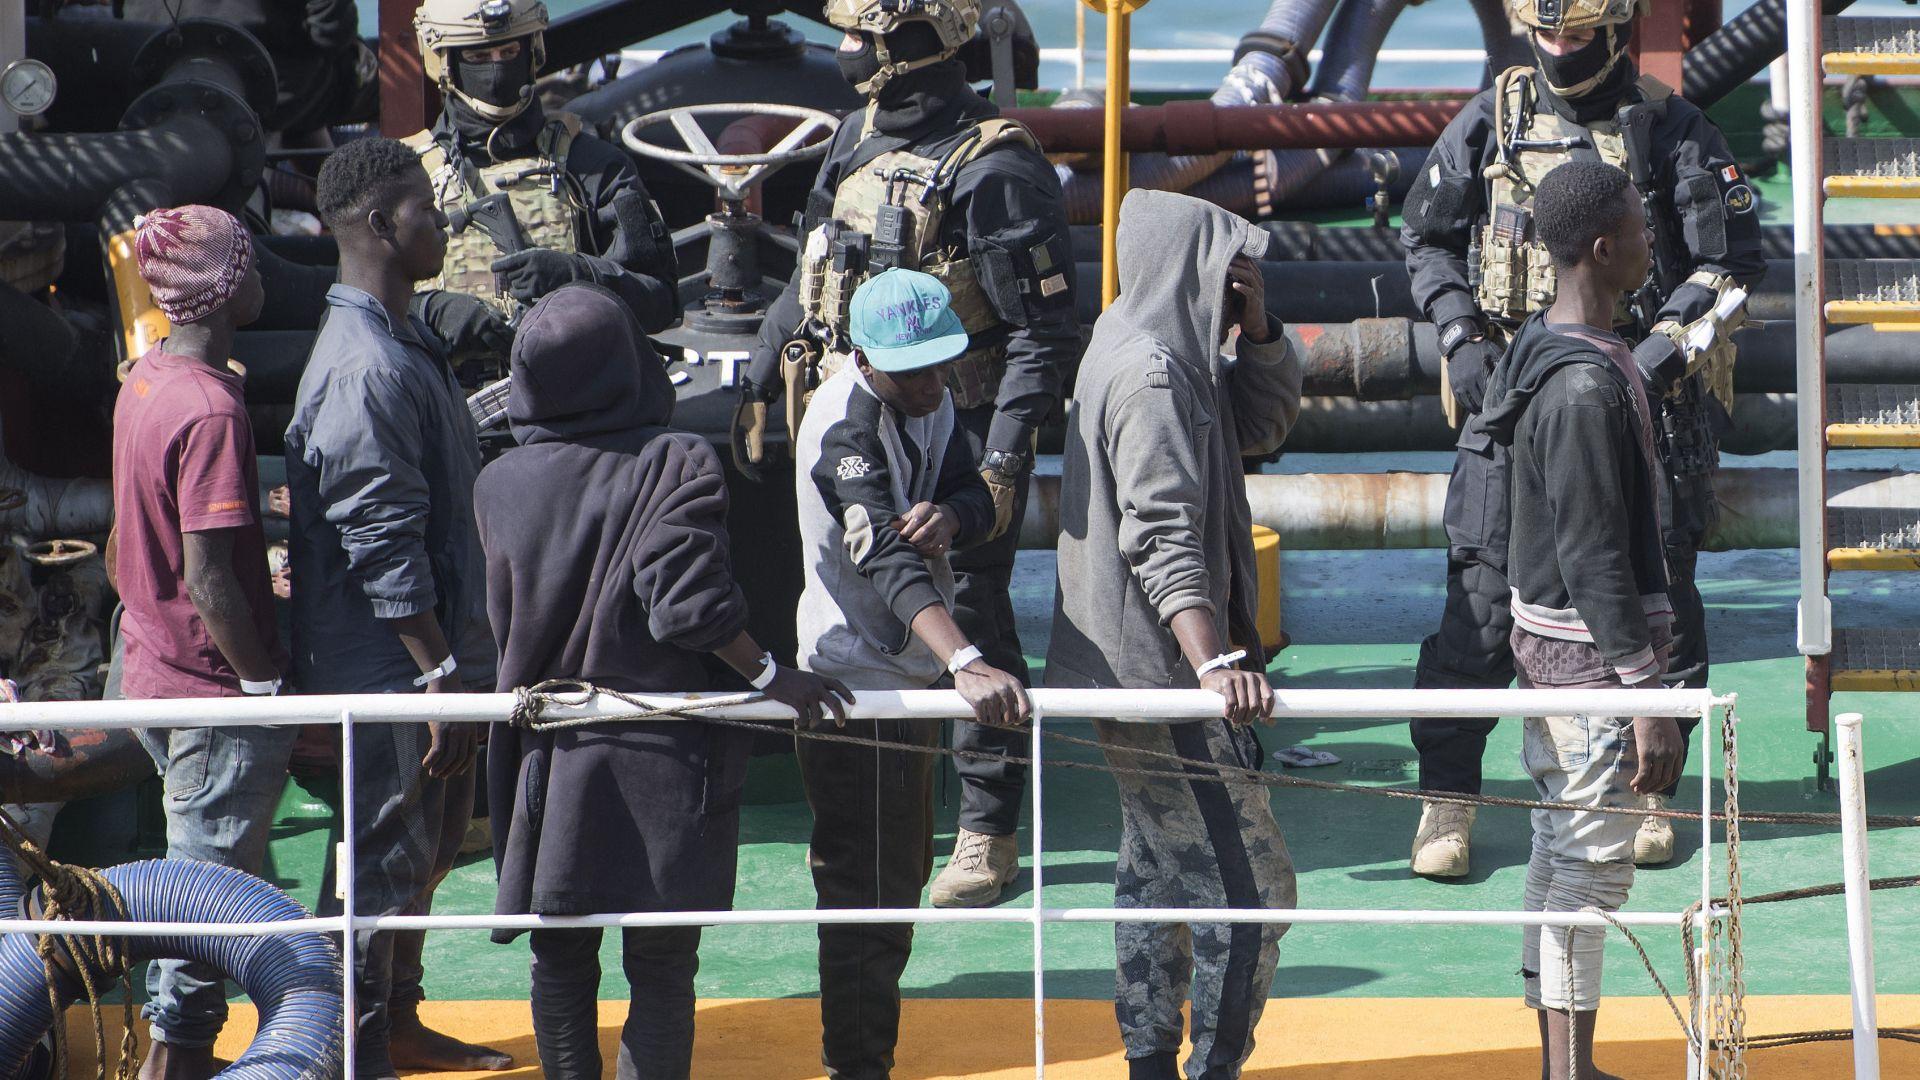 Малтийски военни щурмуваха отвлечения от мигранти кораб (снимки)